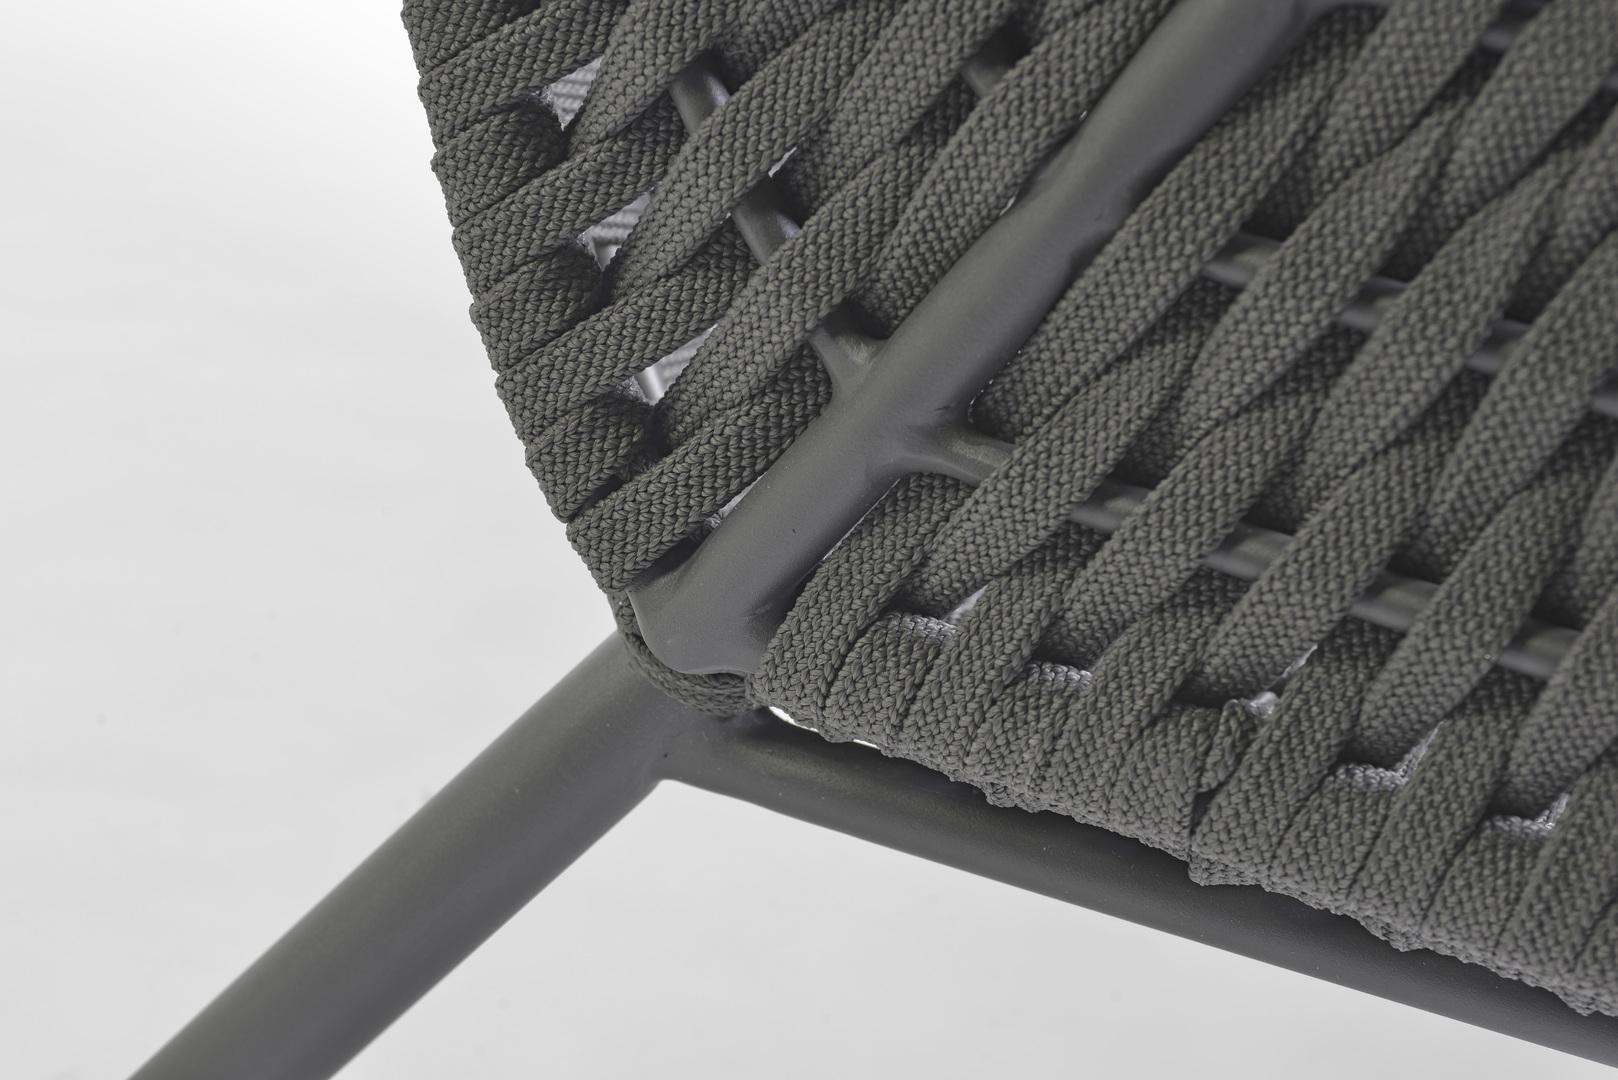 2018 Borek Ardenza belt detail Ferragudo chair 4400 dark grey Studio Borek.jpg